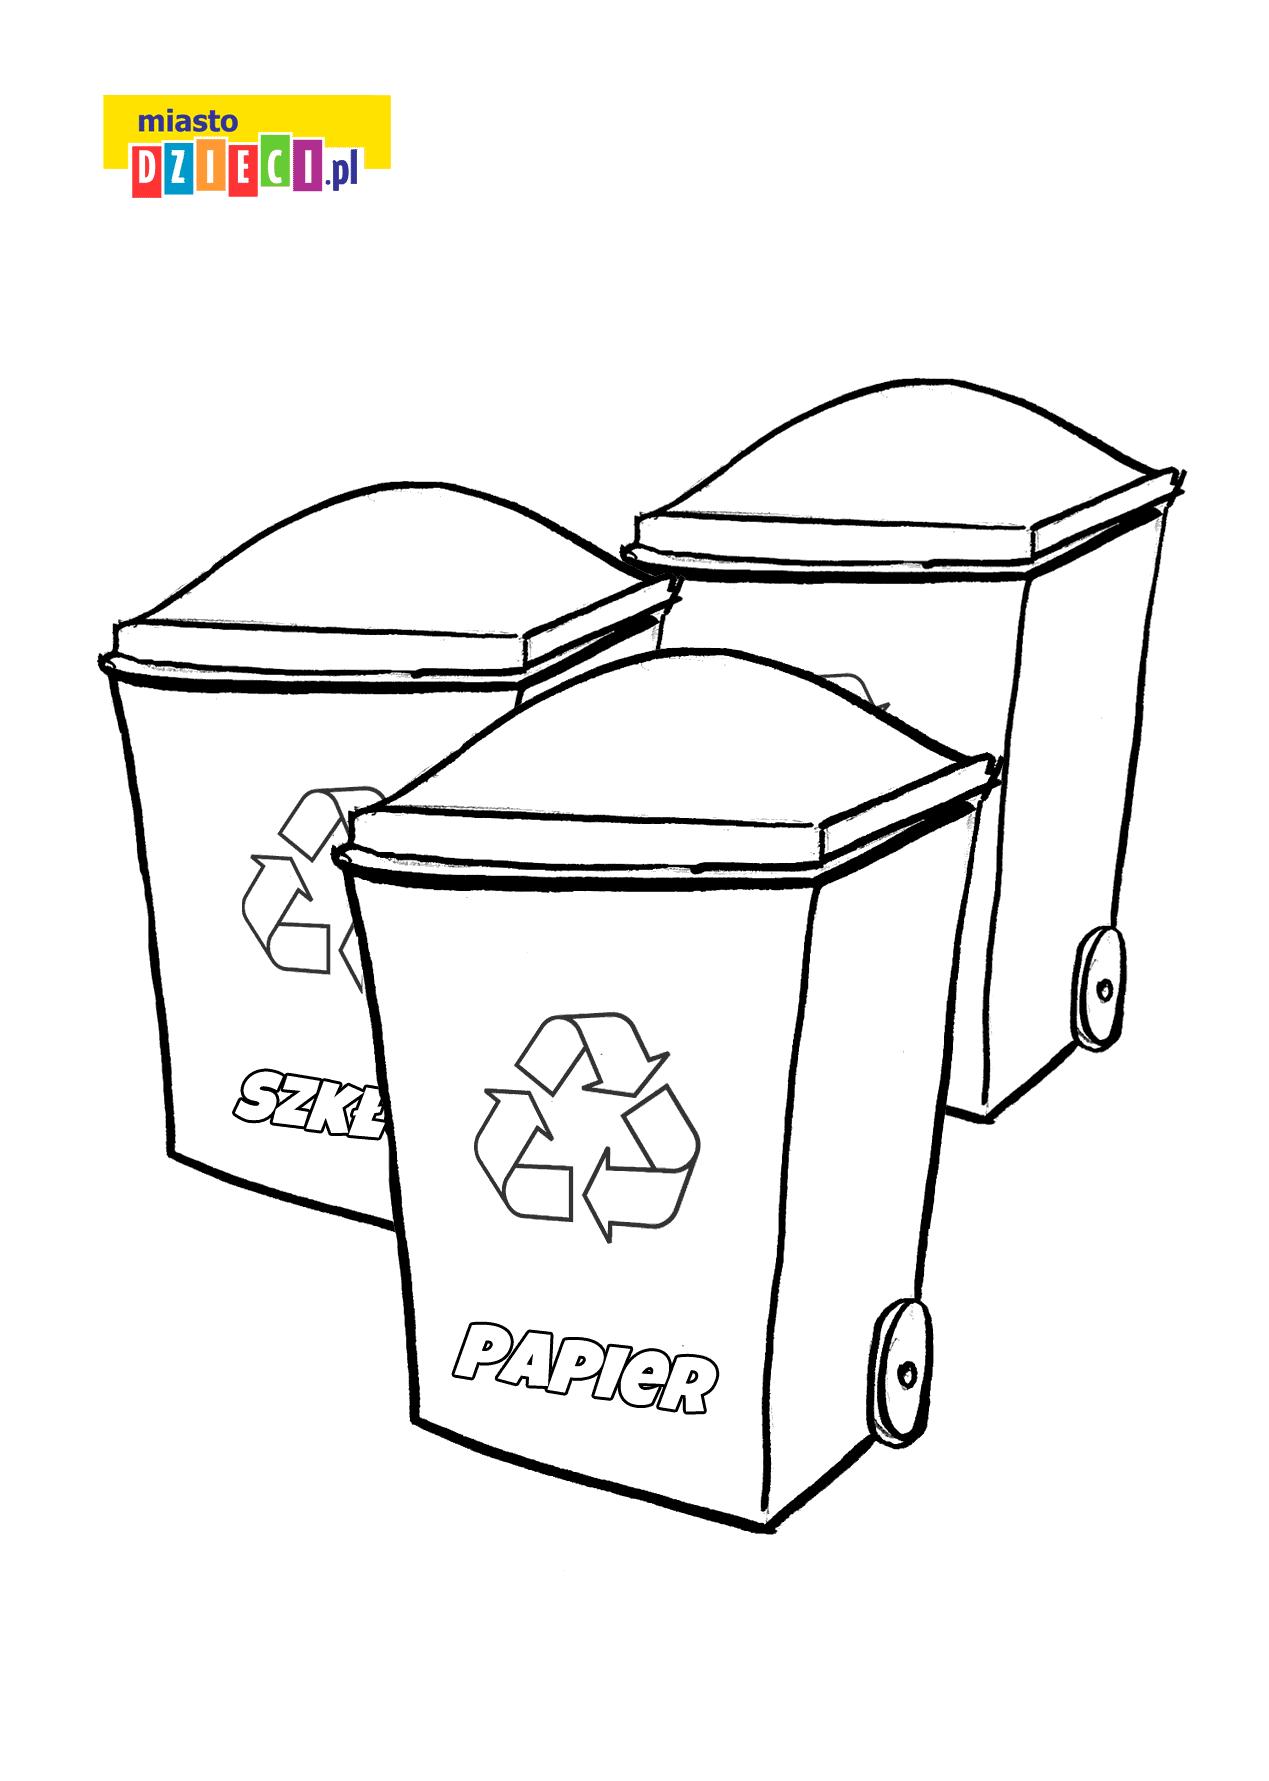 kosze do recyklingu - kolorowanka do druku dla dzieci MiastoDzieci.pl